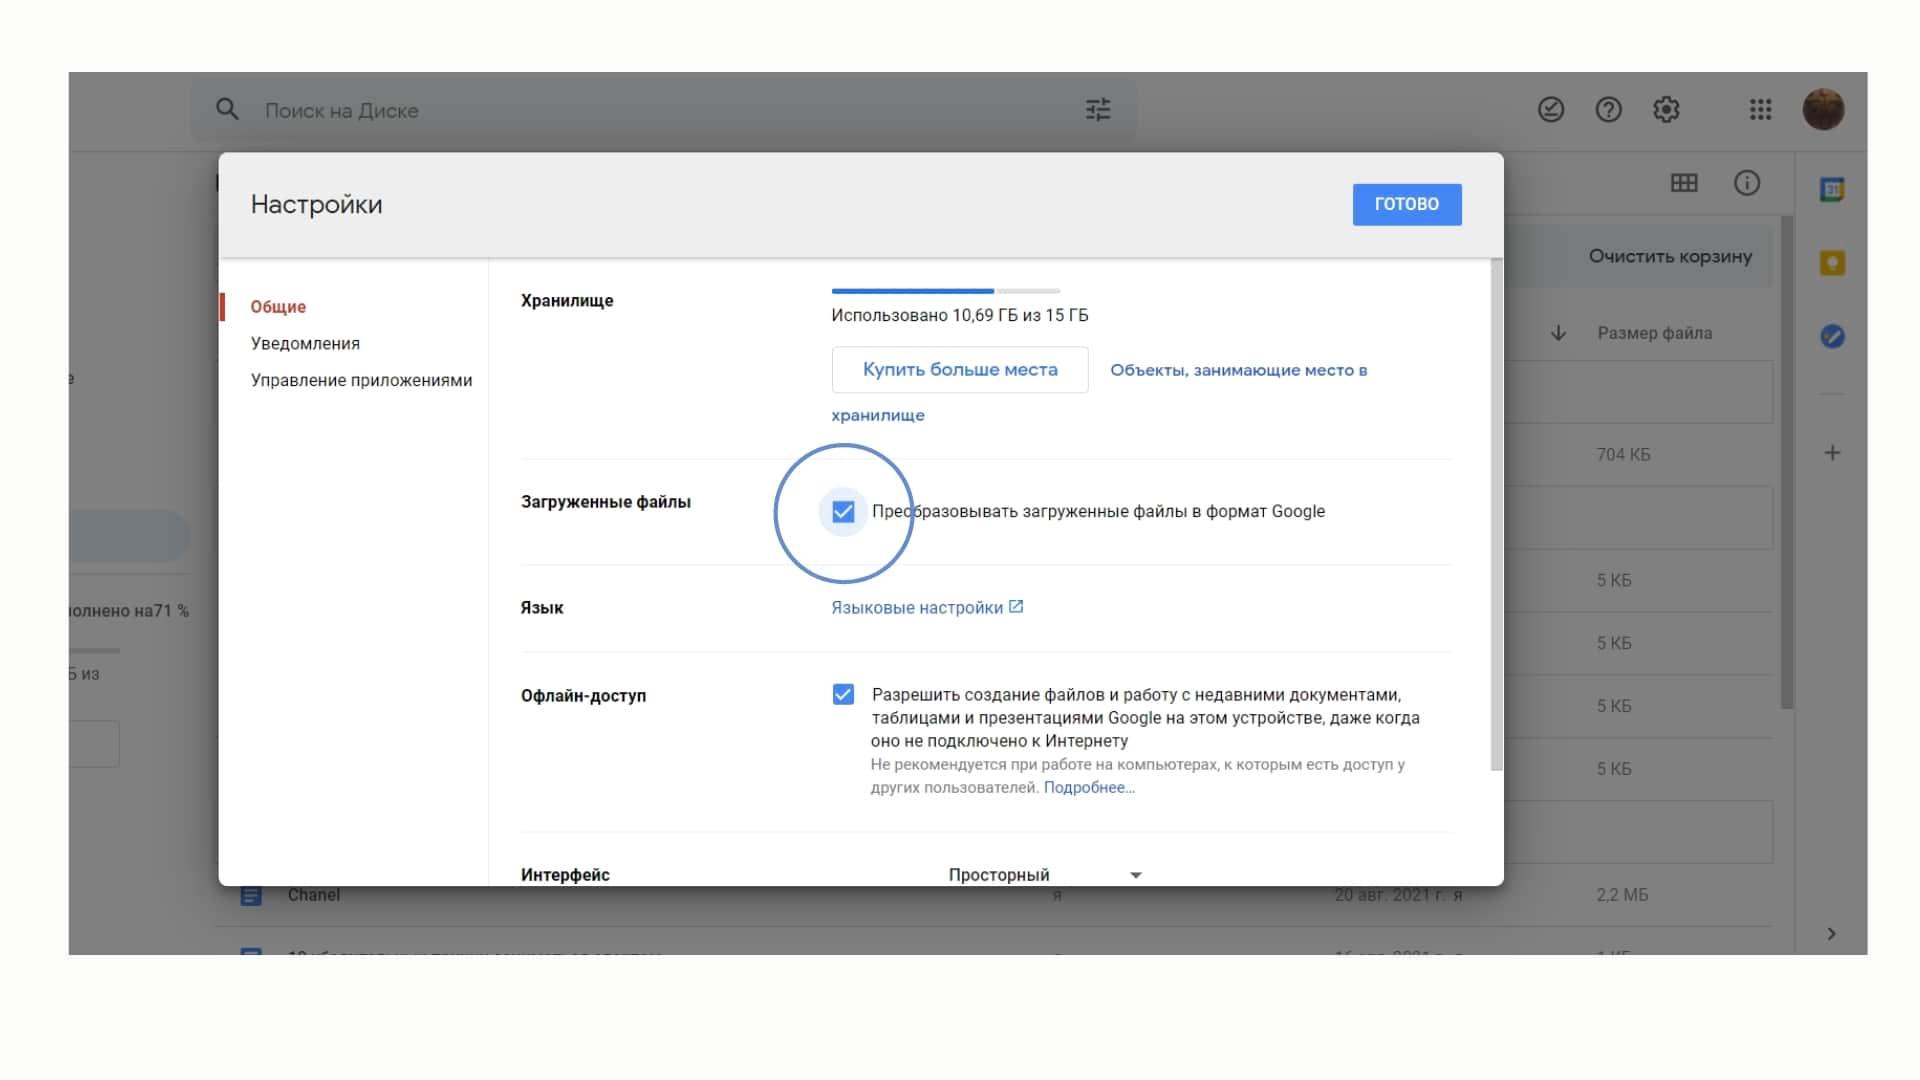 Как настроить загрузку документов в Google Диске